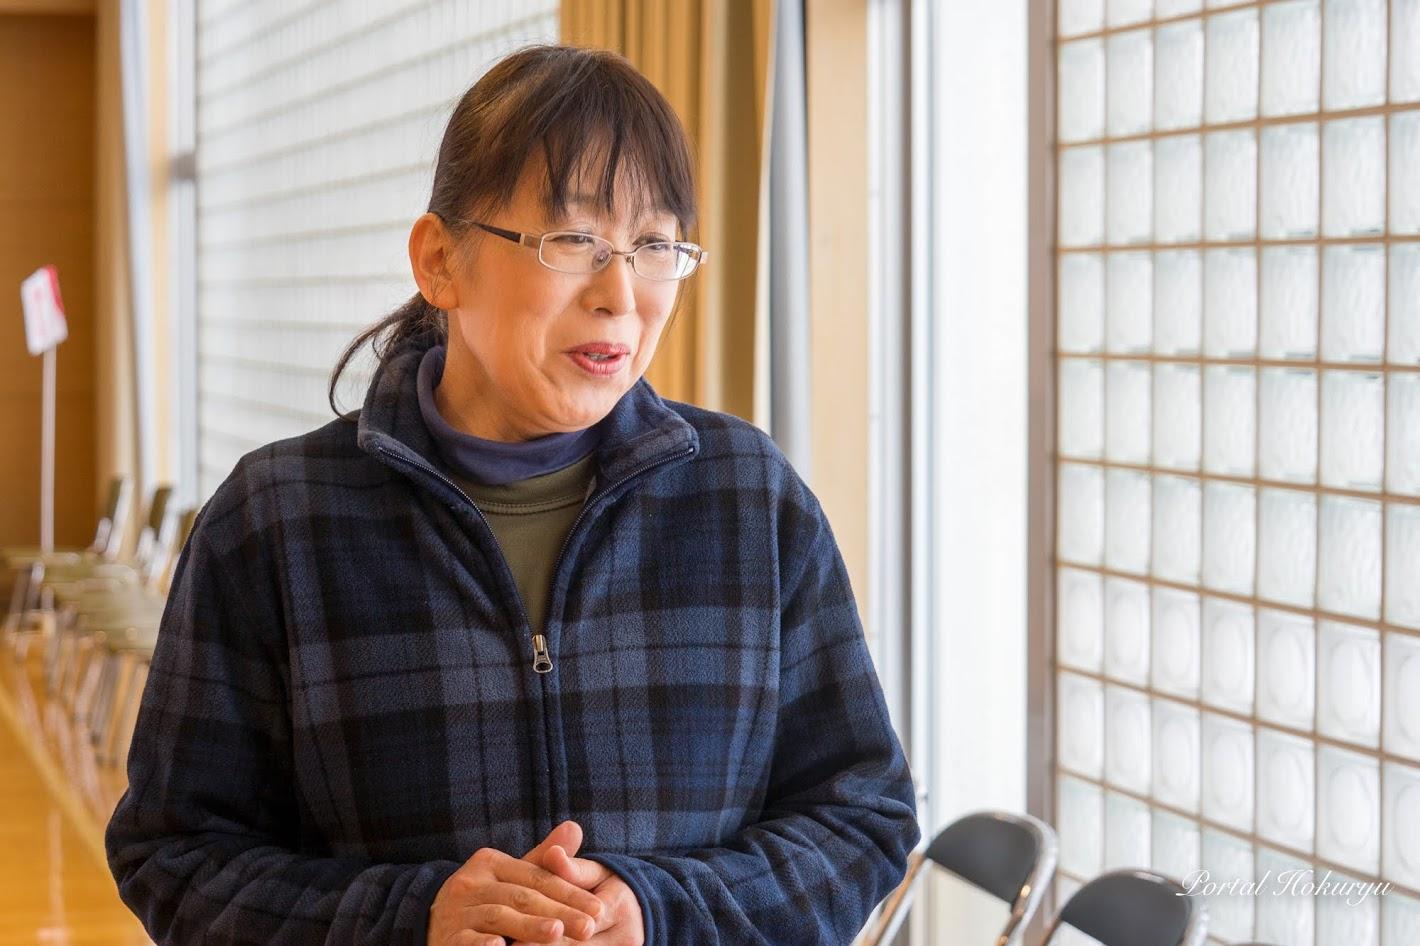 ホームペルパー・村井恵さん(介護福祉士)